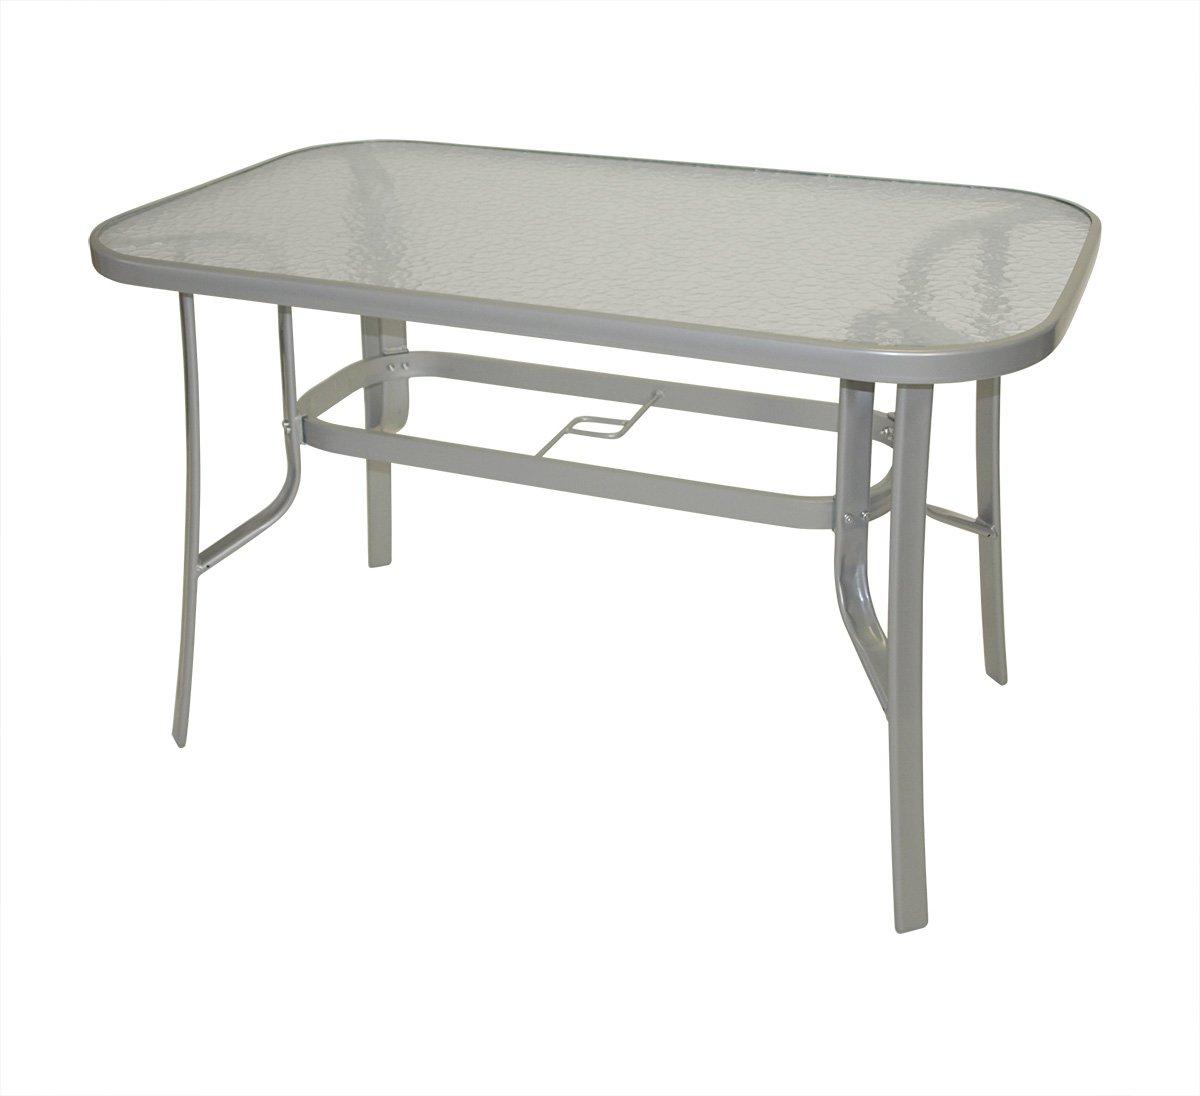 Gartentisch alu glas  Amazon.de: Gartentisch Florenz 70x120cm aus Metall + Glas ...